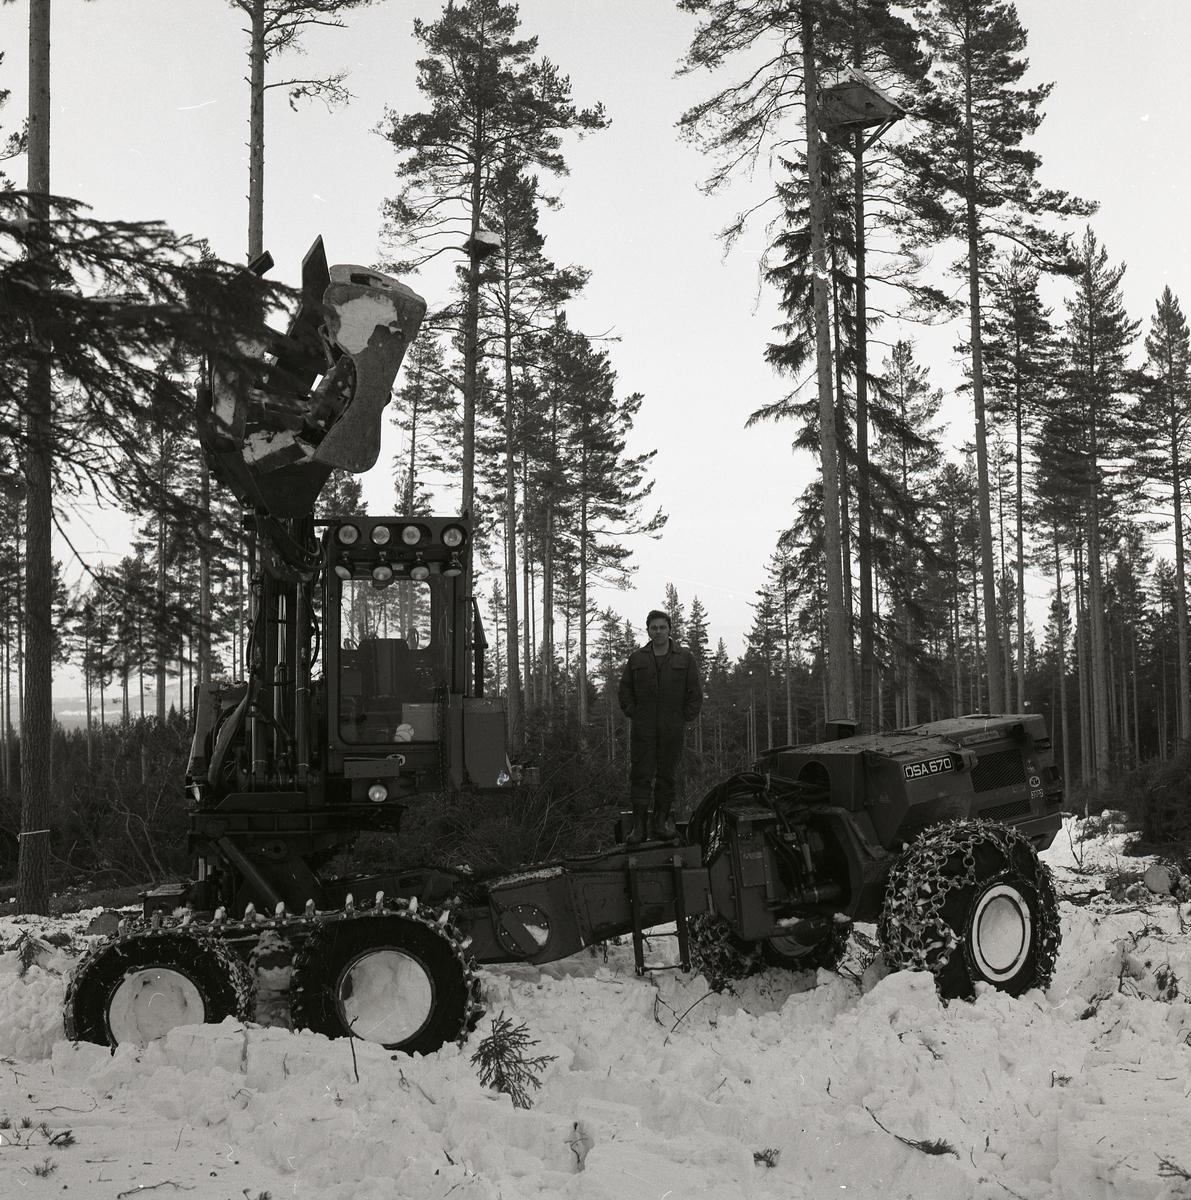 En man är ute i skogen med skogsmaskin och kör timmer.